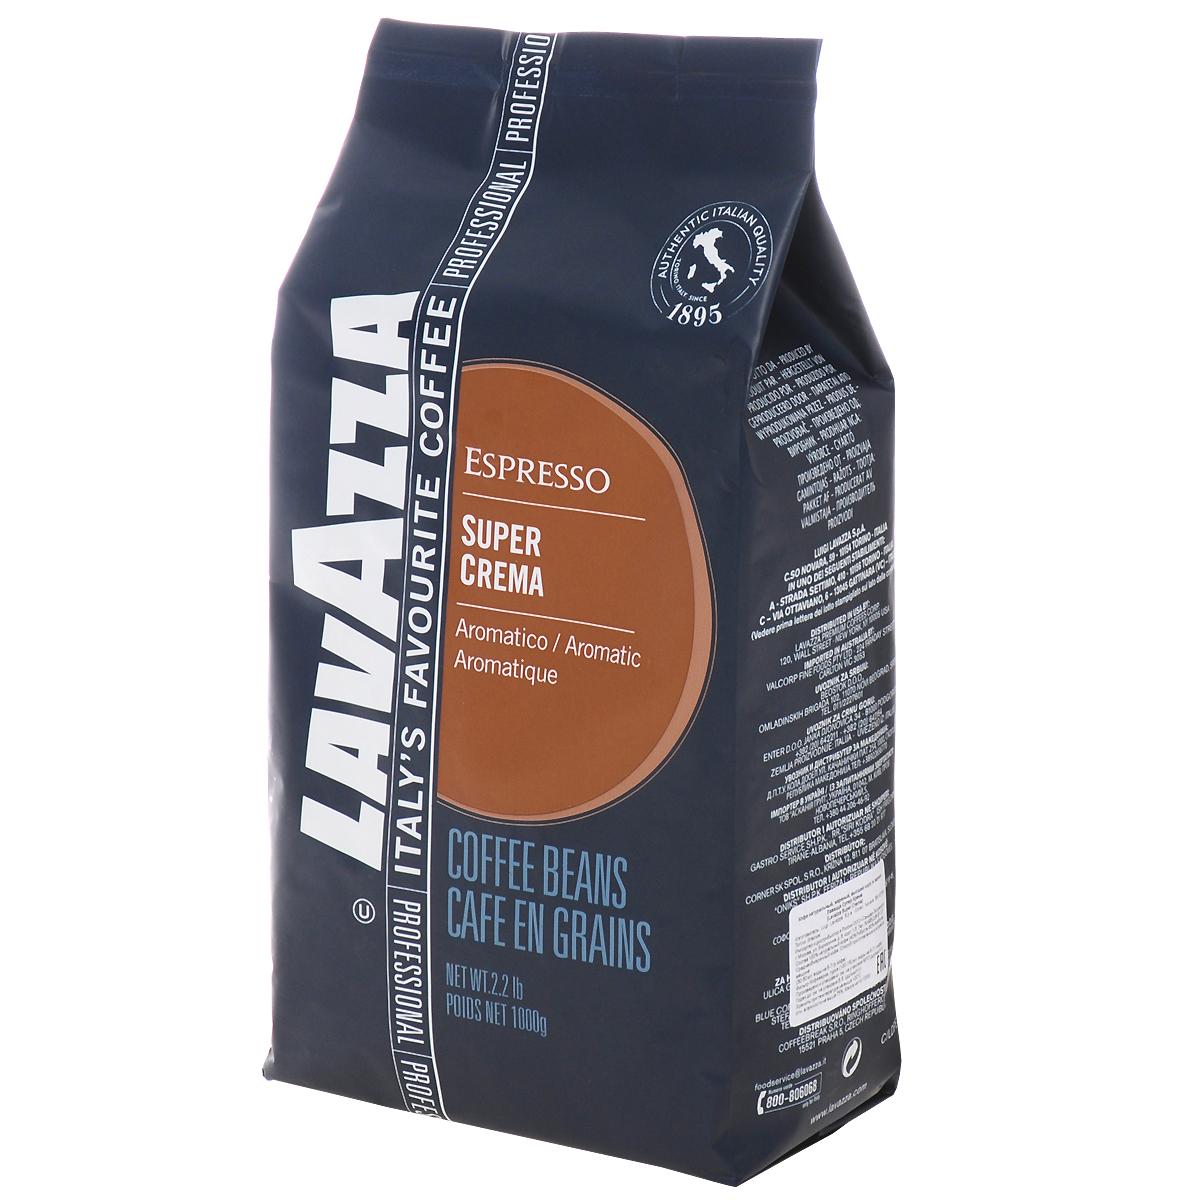 Lavazza Super Crema кофе в зернах, 1 кг8000070042025_новый дизайнБленд кофе Lavazza Super Crema с бархатистой пенкой и стойким ароматом меда и миндаля для легкого и сливочного кофе эспрессо.Кофе: мифы и факты. Статья OZON Гид